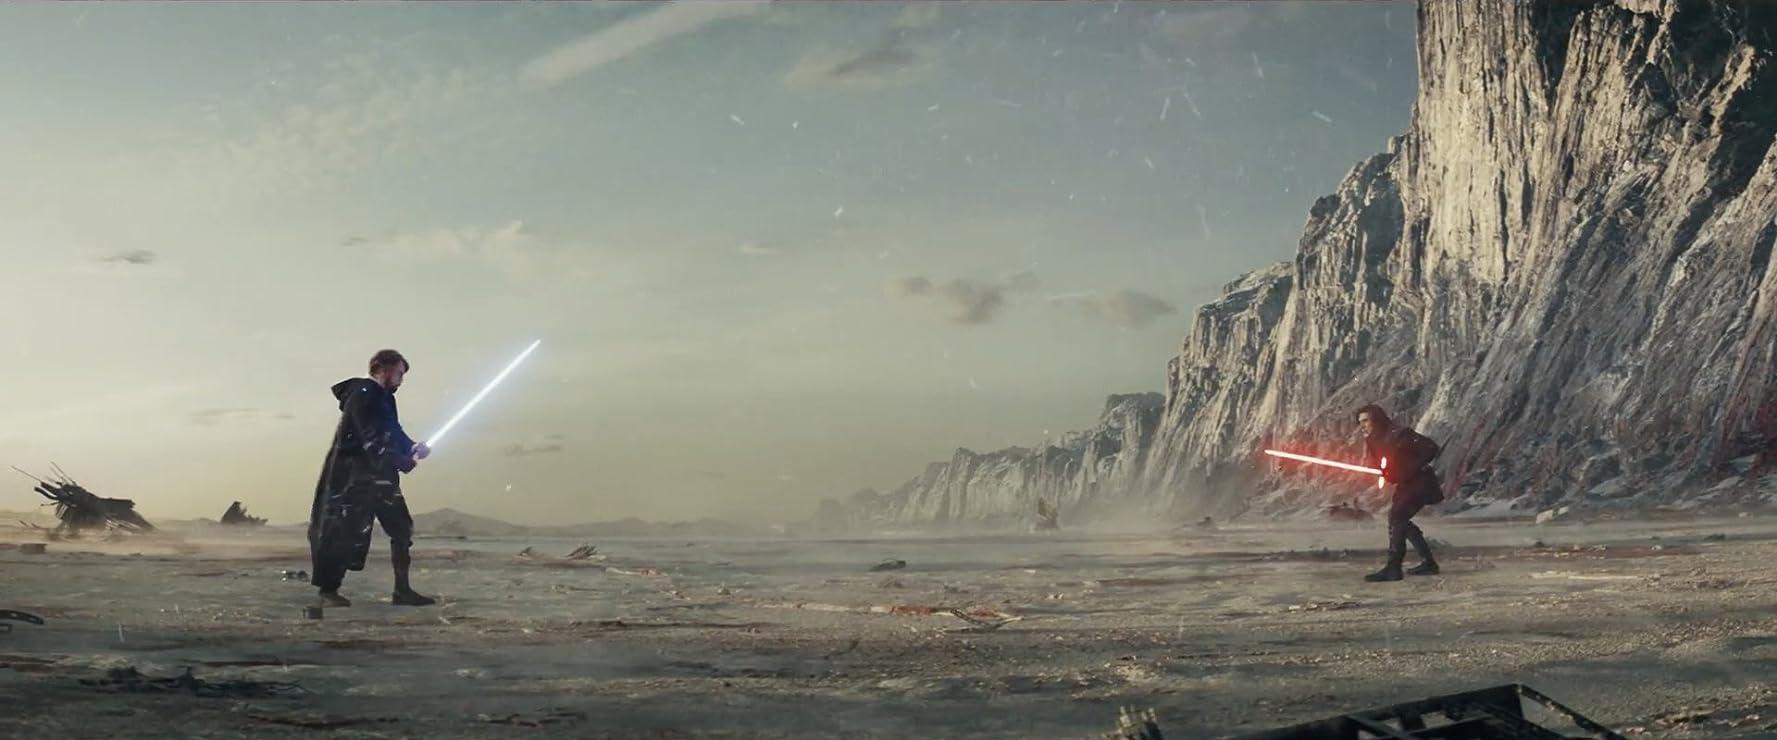 Mark Hamill and Adam Driver in Star Wars: Episode VIII - The Last Jedi (2017)